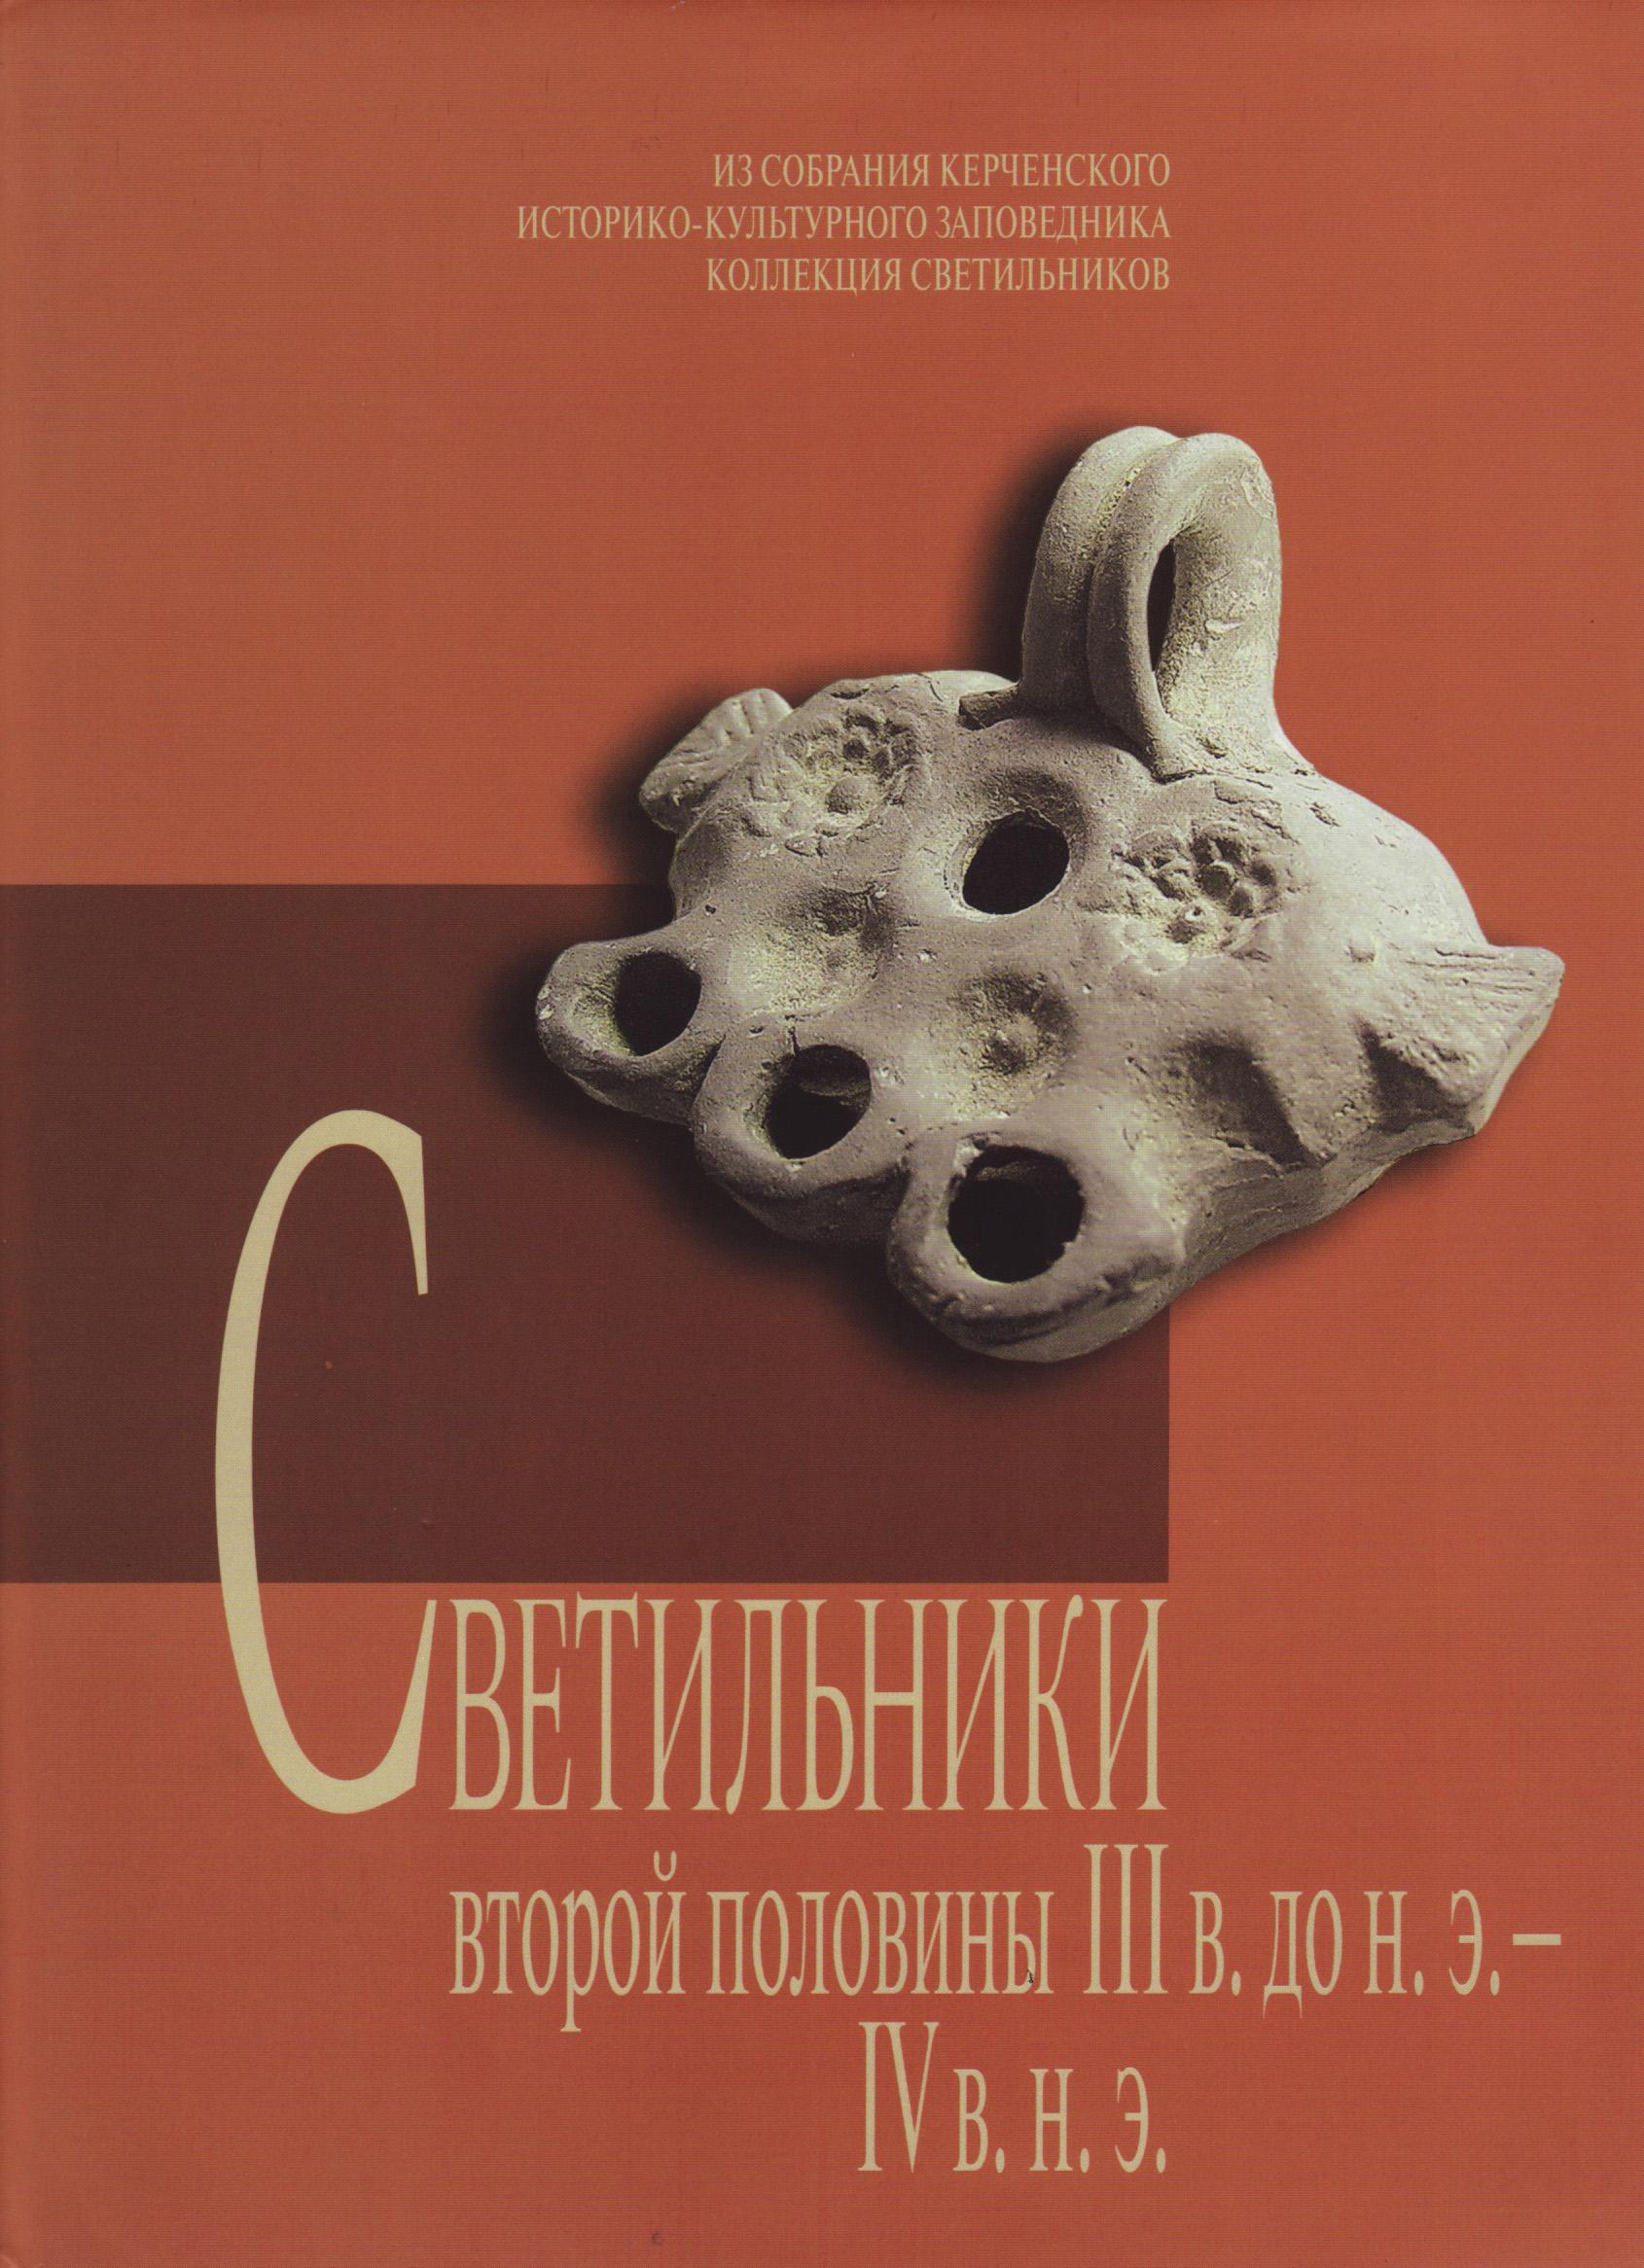 zhuravlev_2010